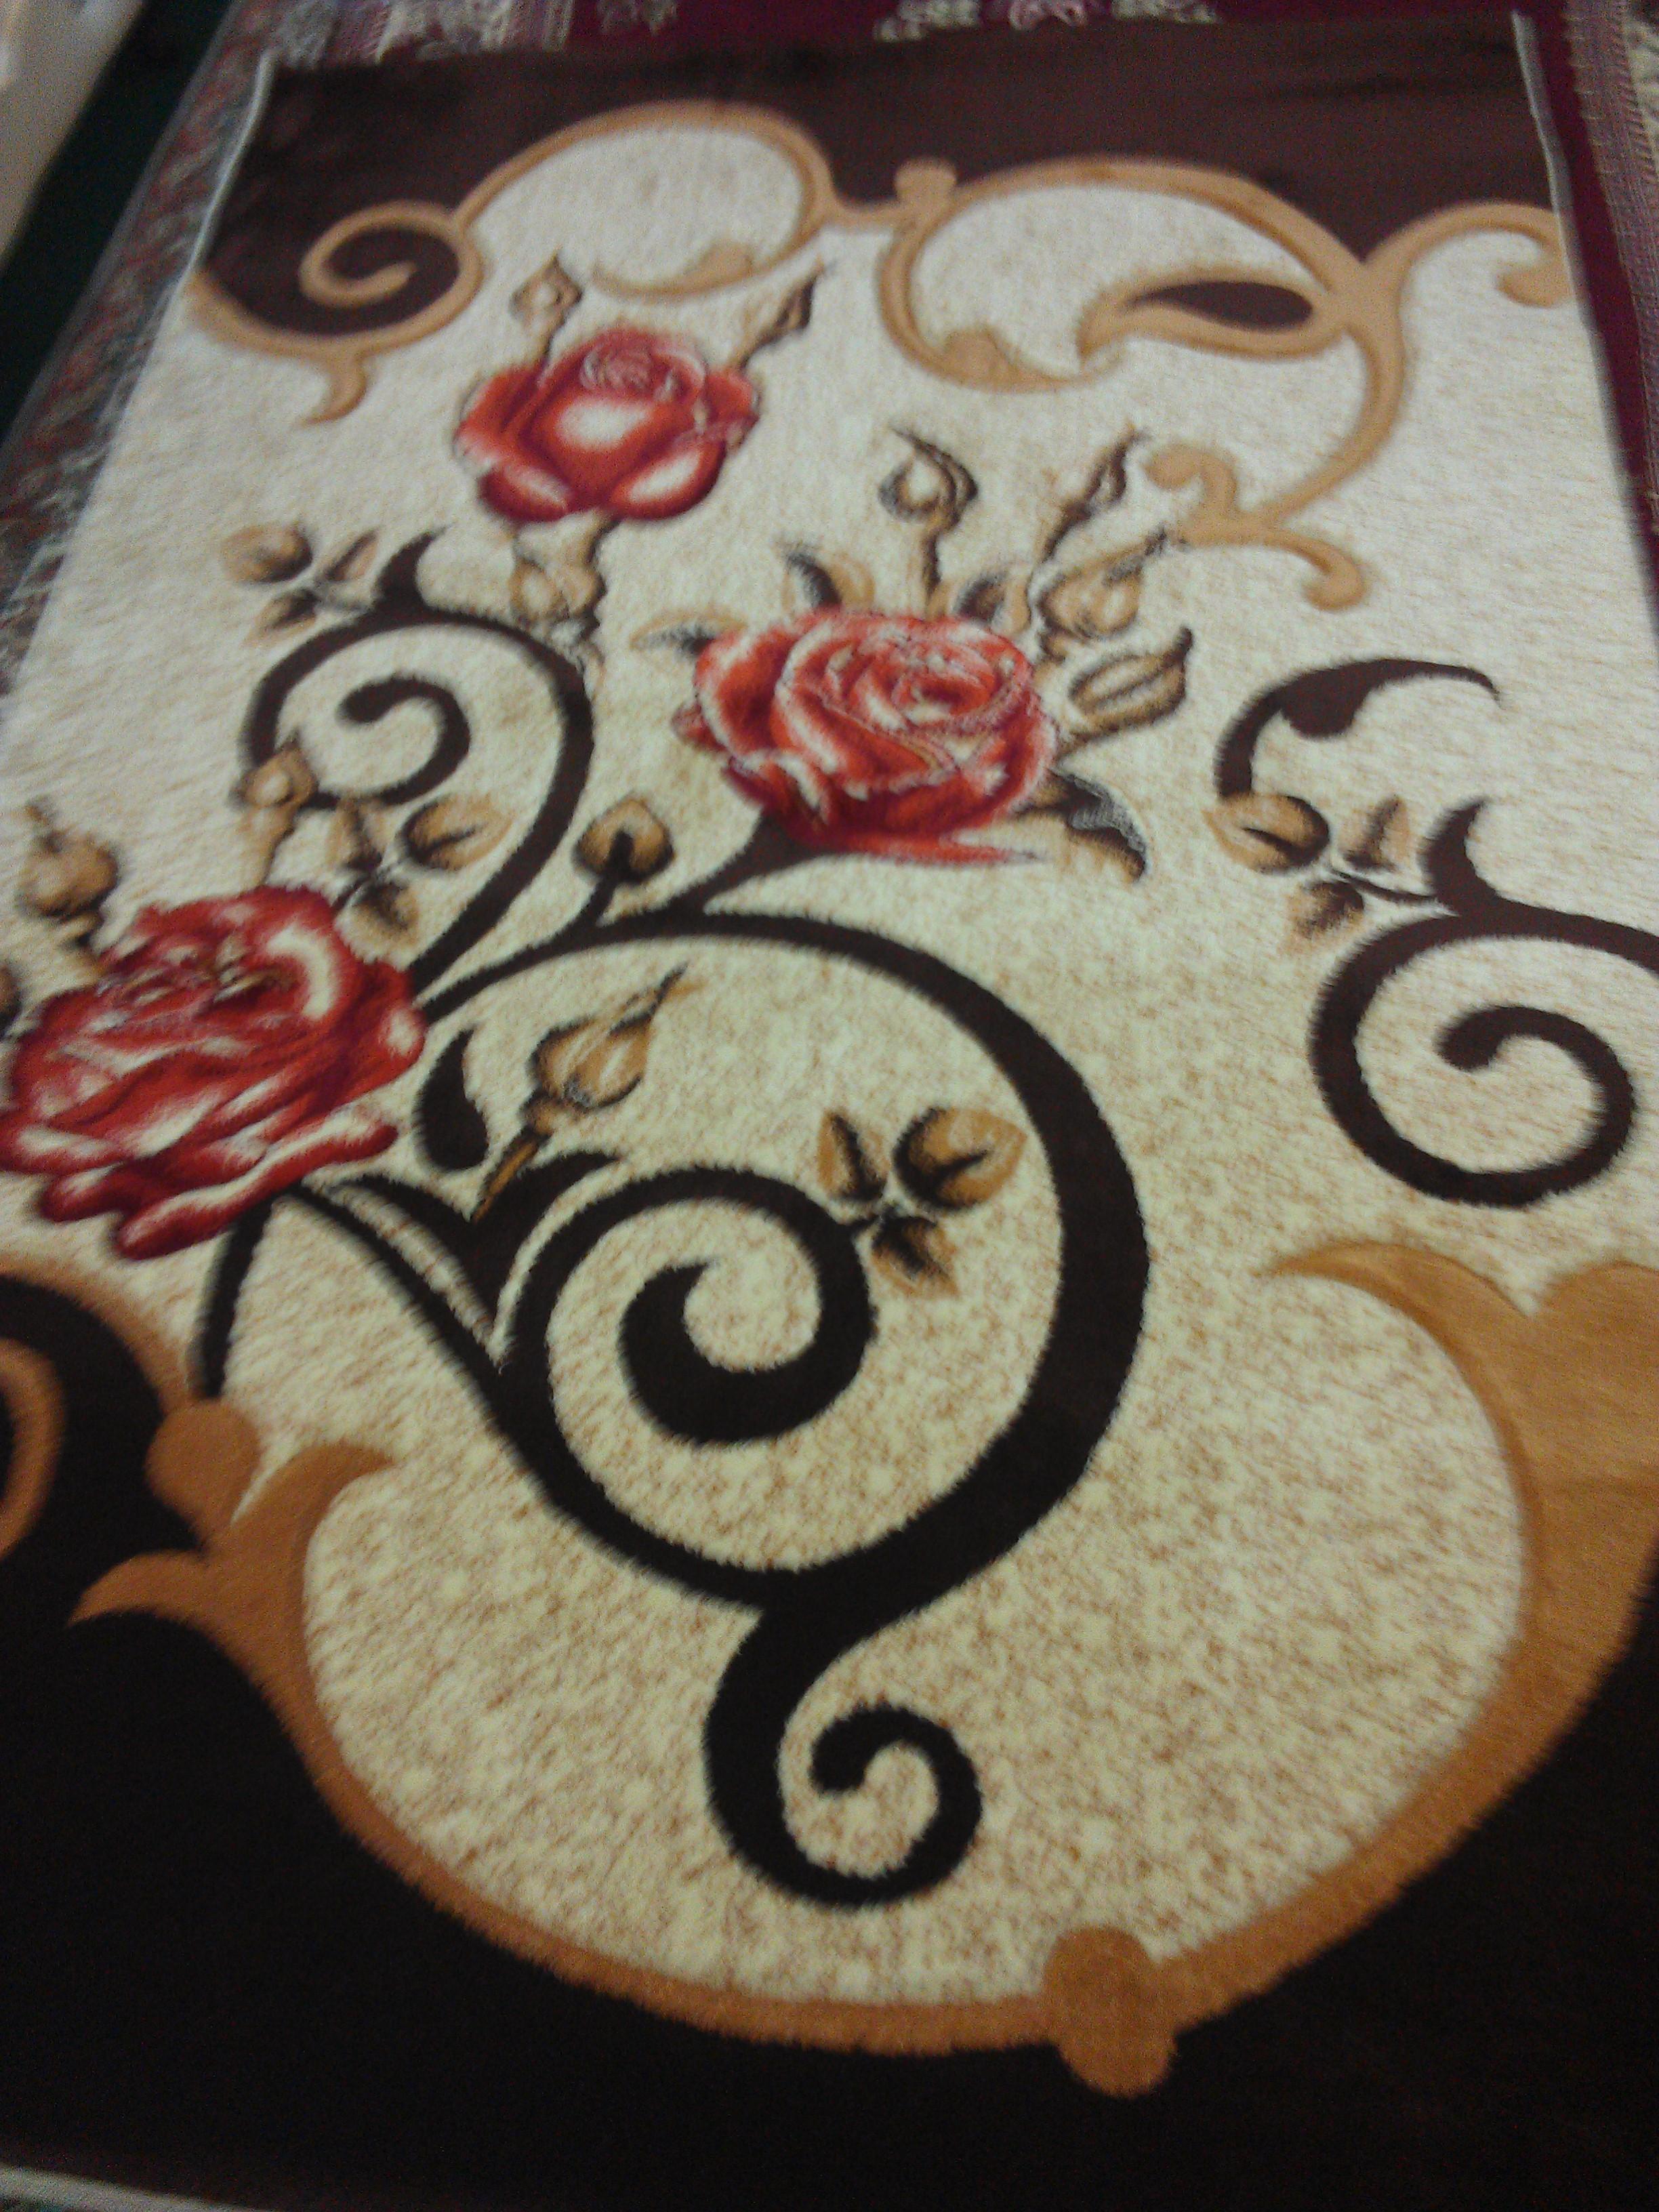 [تصویر: عکس انواع فرش های خونه مون + قیمت + آدرس ( فقط عکس ) ]